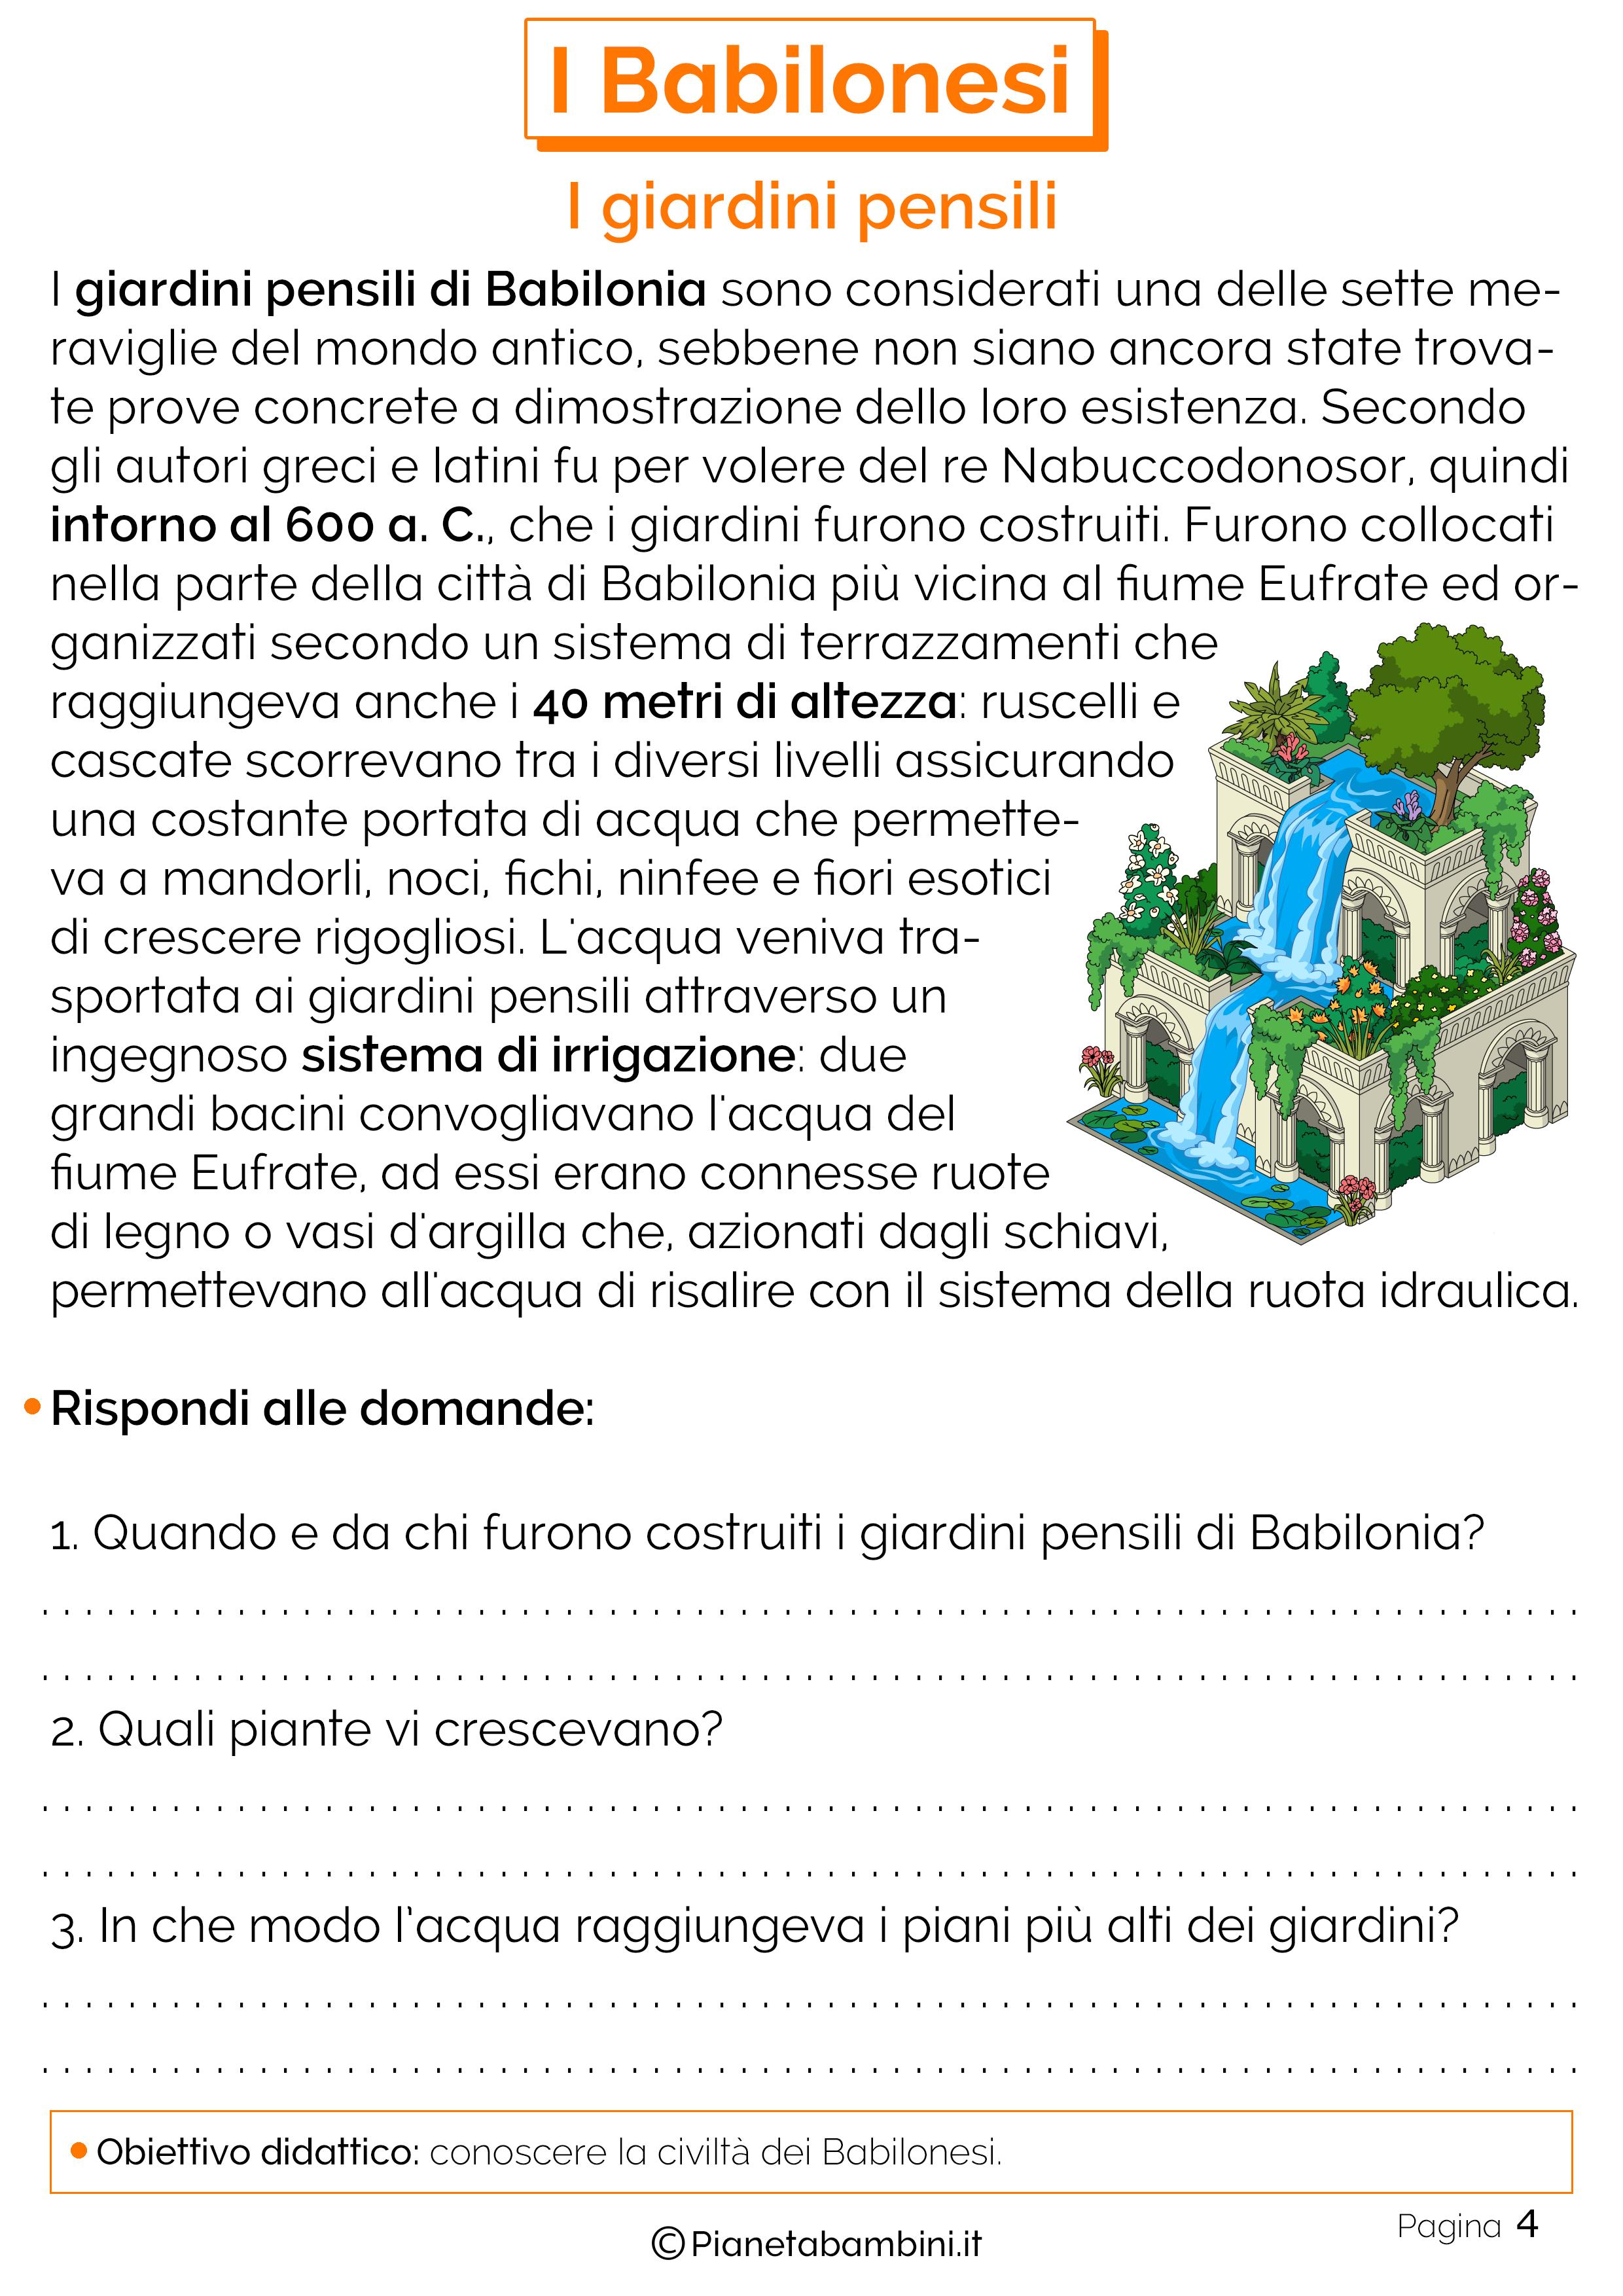 Schede didattiche sui giardini pensili di Babilonia